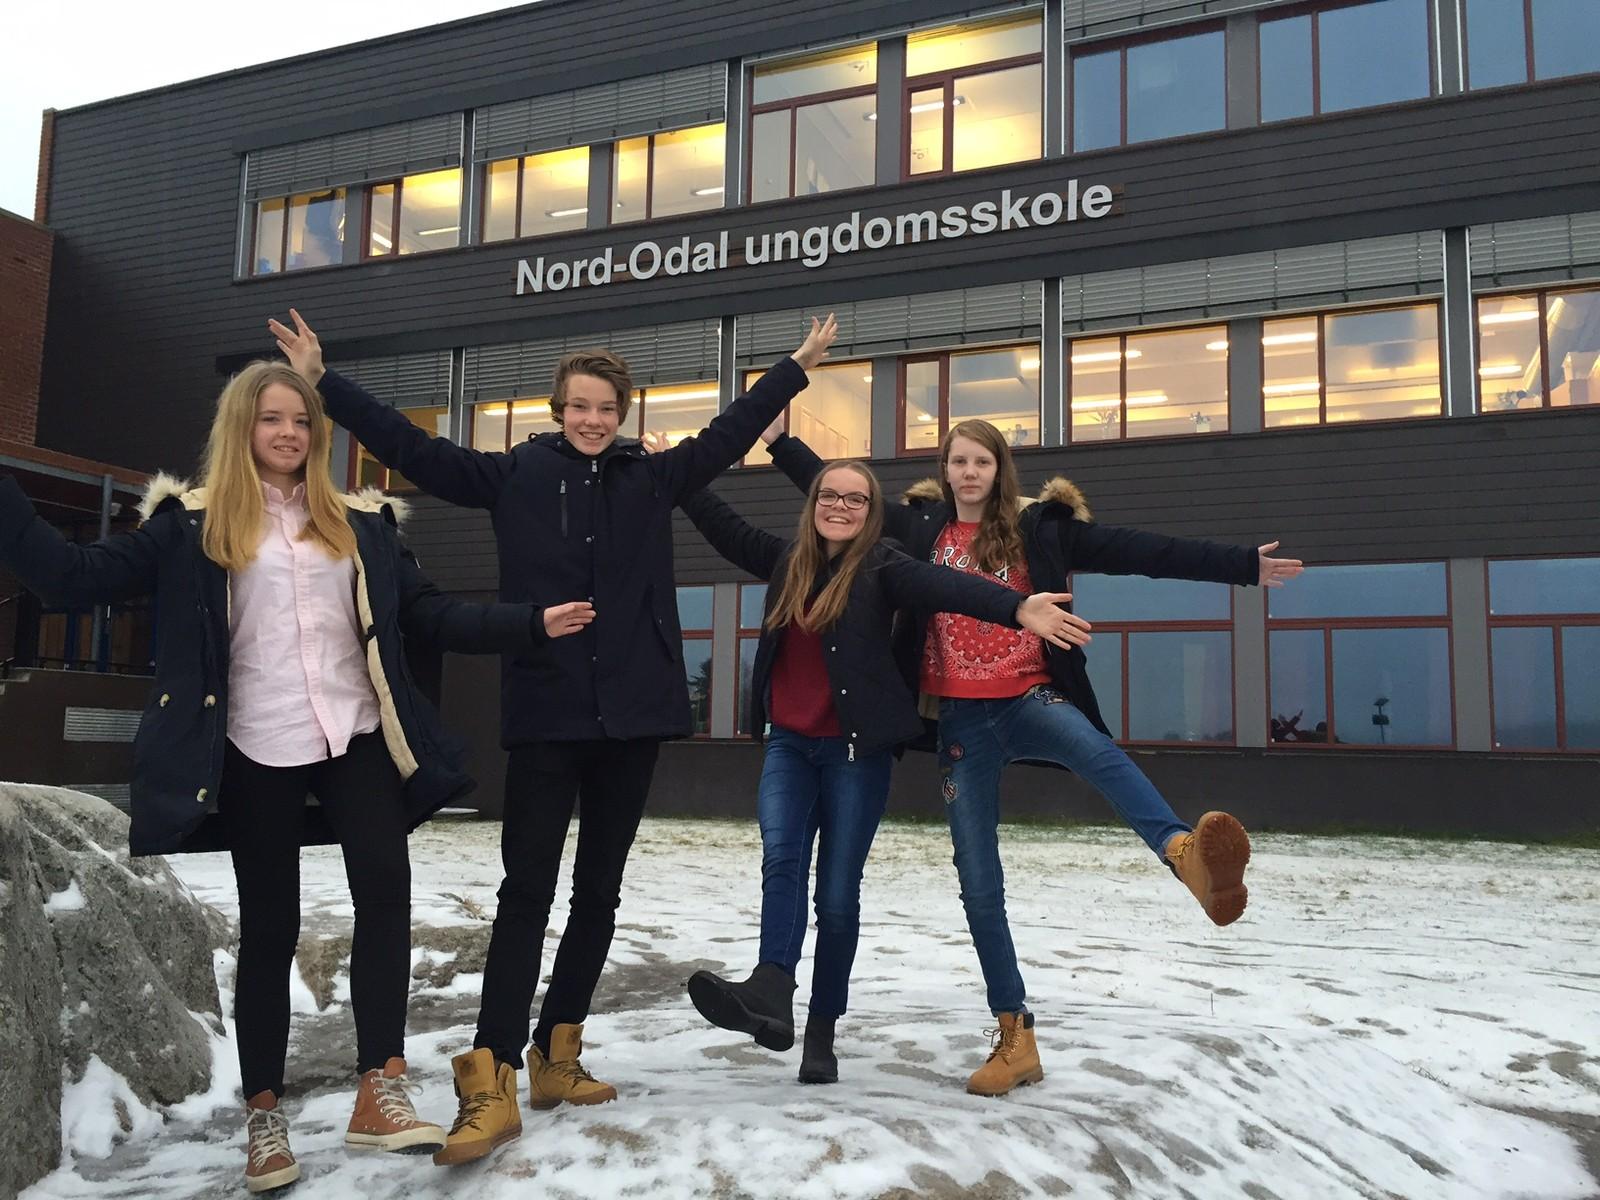 Juni Sæther Hemstad, Elias Rudsbråten, Synne Håkenrud og Øyvor Nybakk Solberg (reserve) fra Nord-Odal ungdomsskole klarte seks rette i Klassequizen.